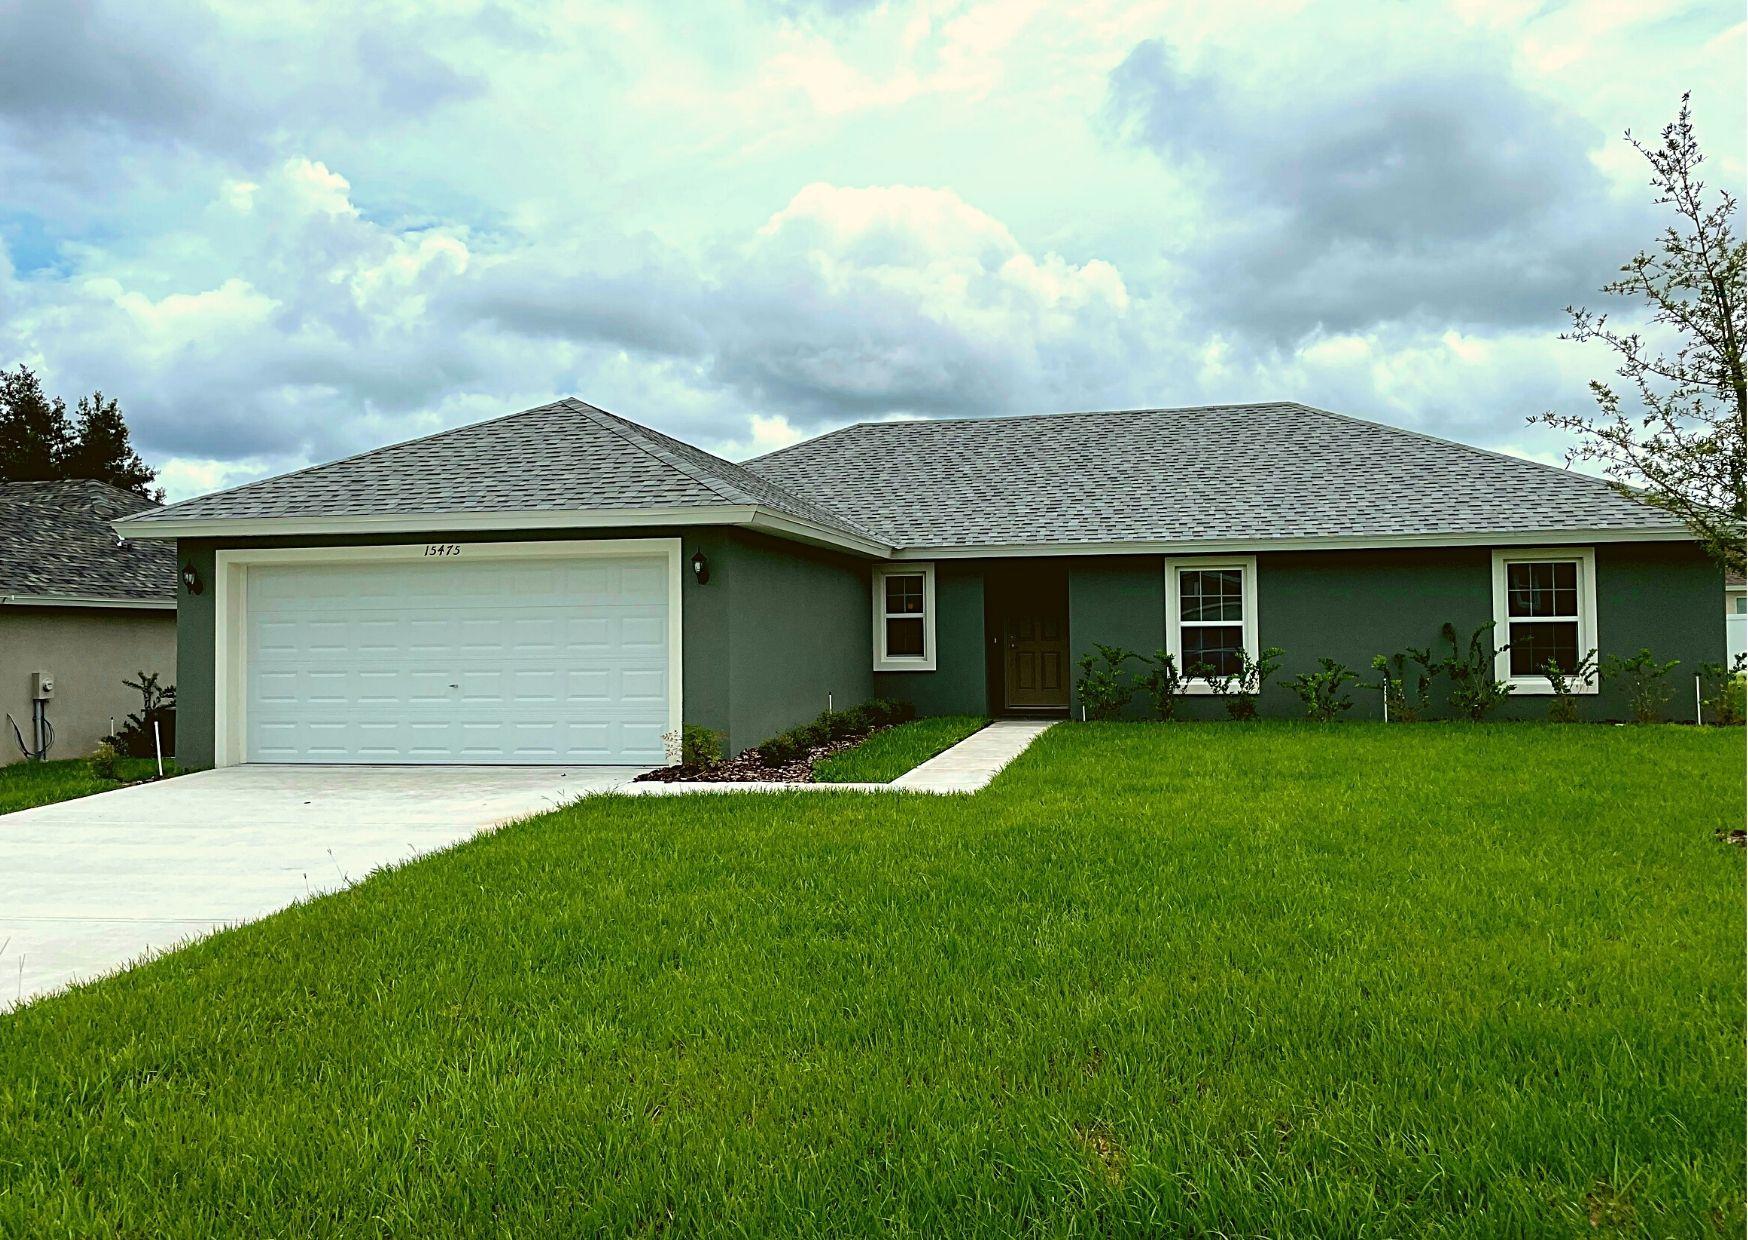 Photo of property: 15475 Southwest 34th Avenue, Ocala, FL 34473